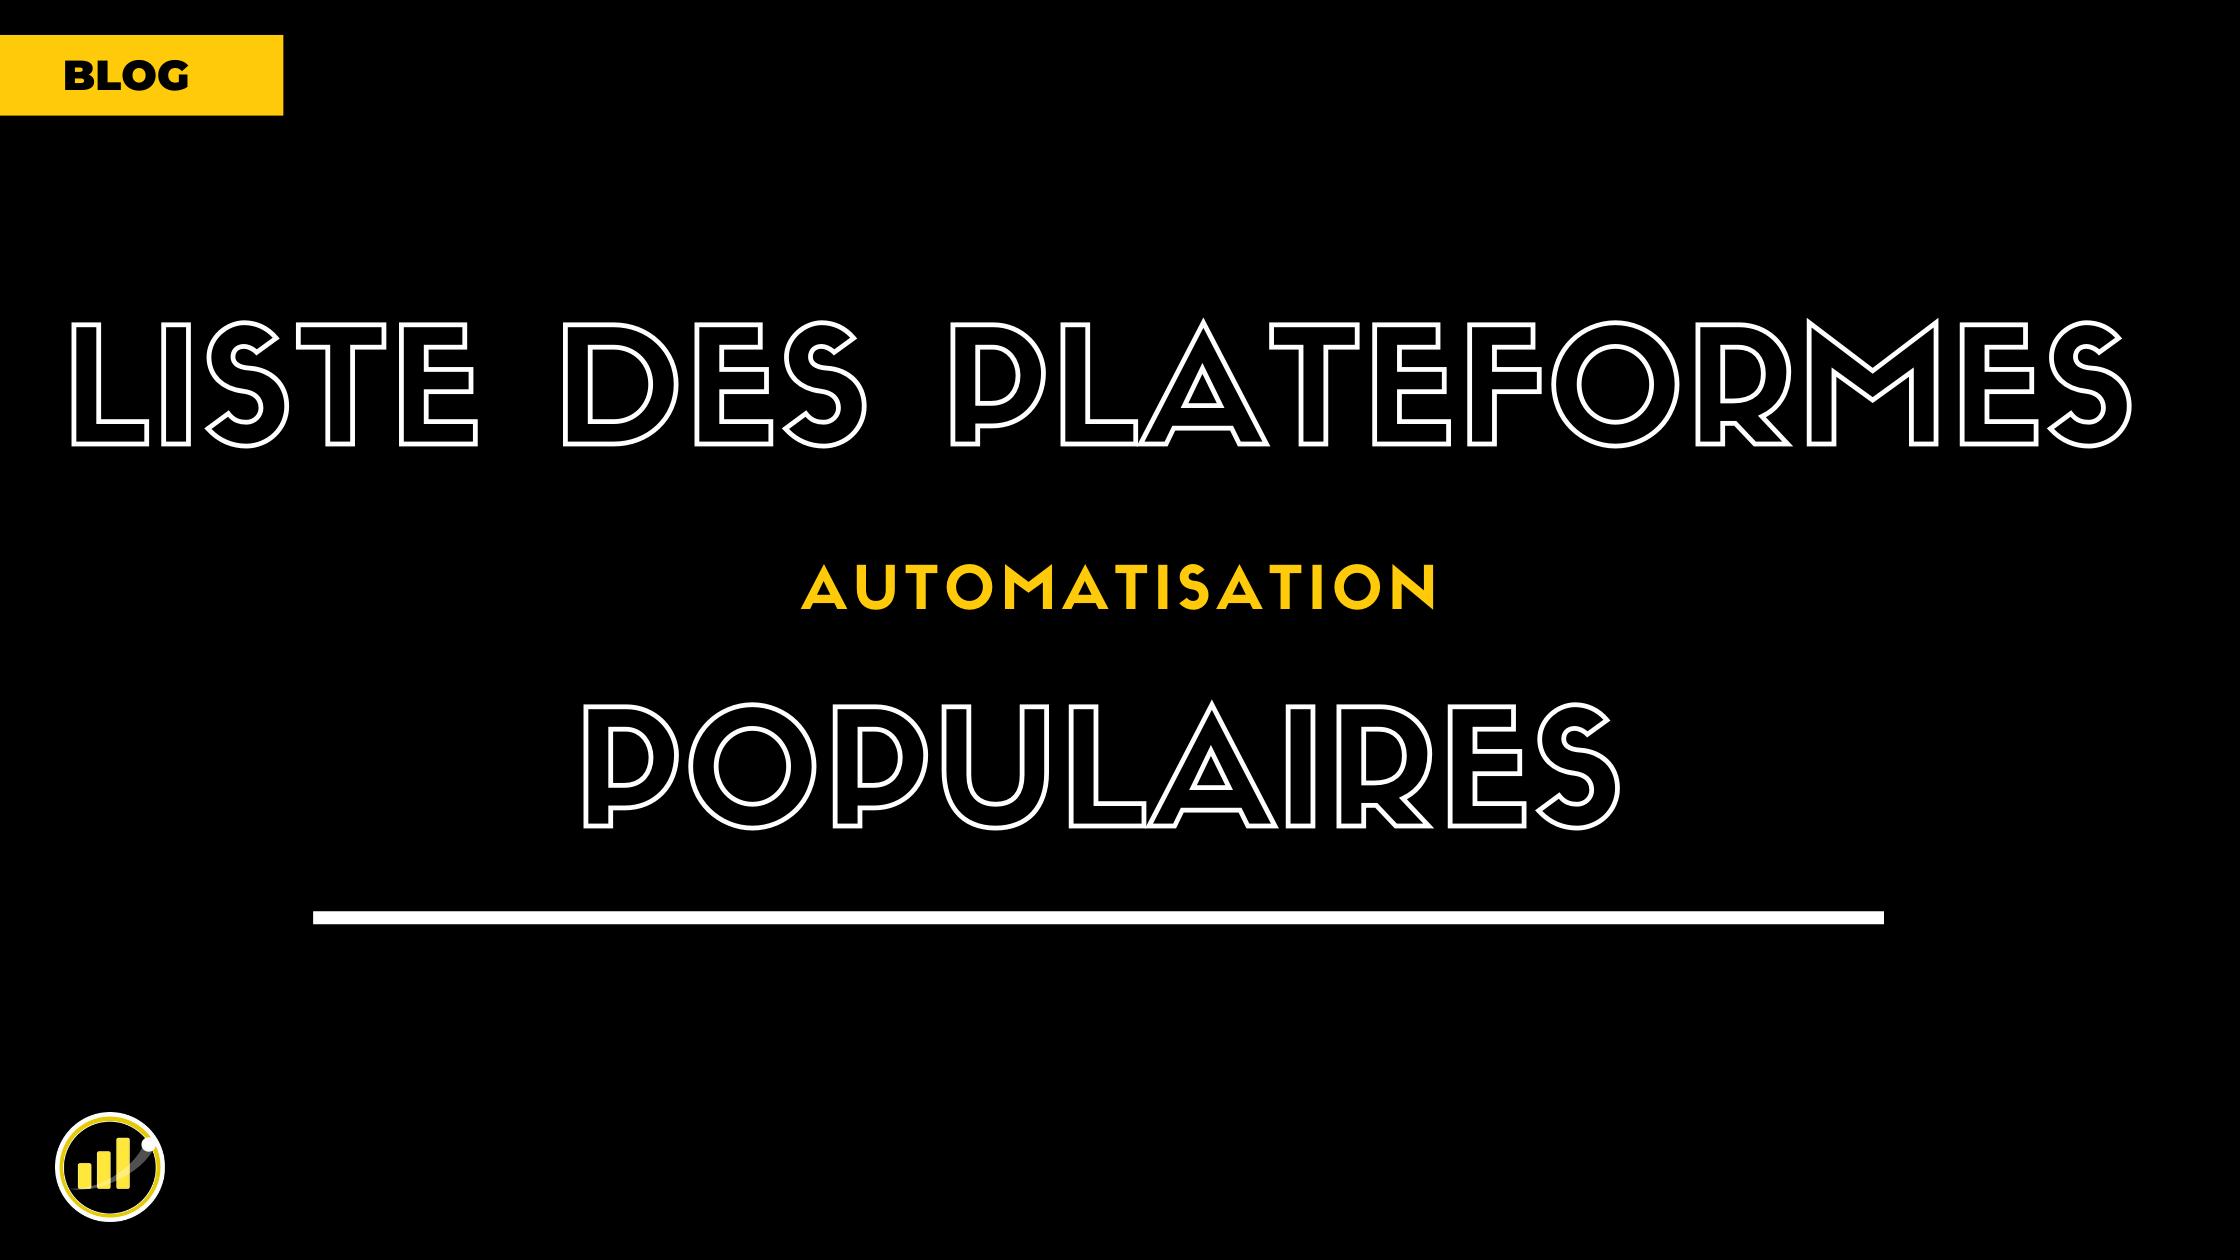 Quels plateformes et Outils d'AUTOMATISATION utiliser ? 🤖